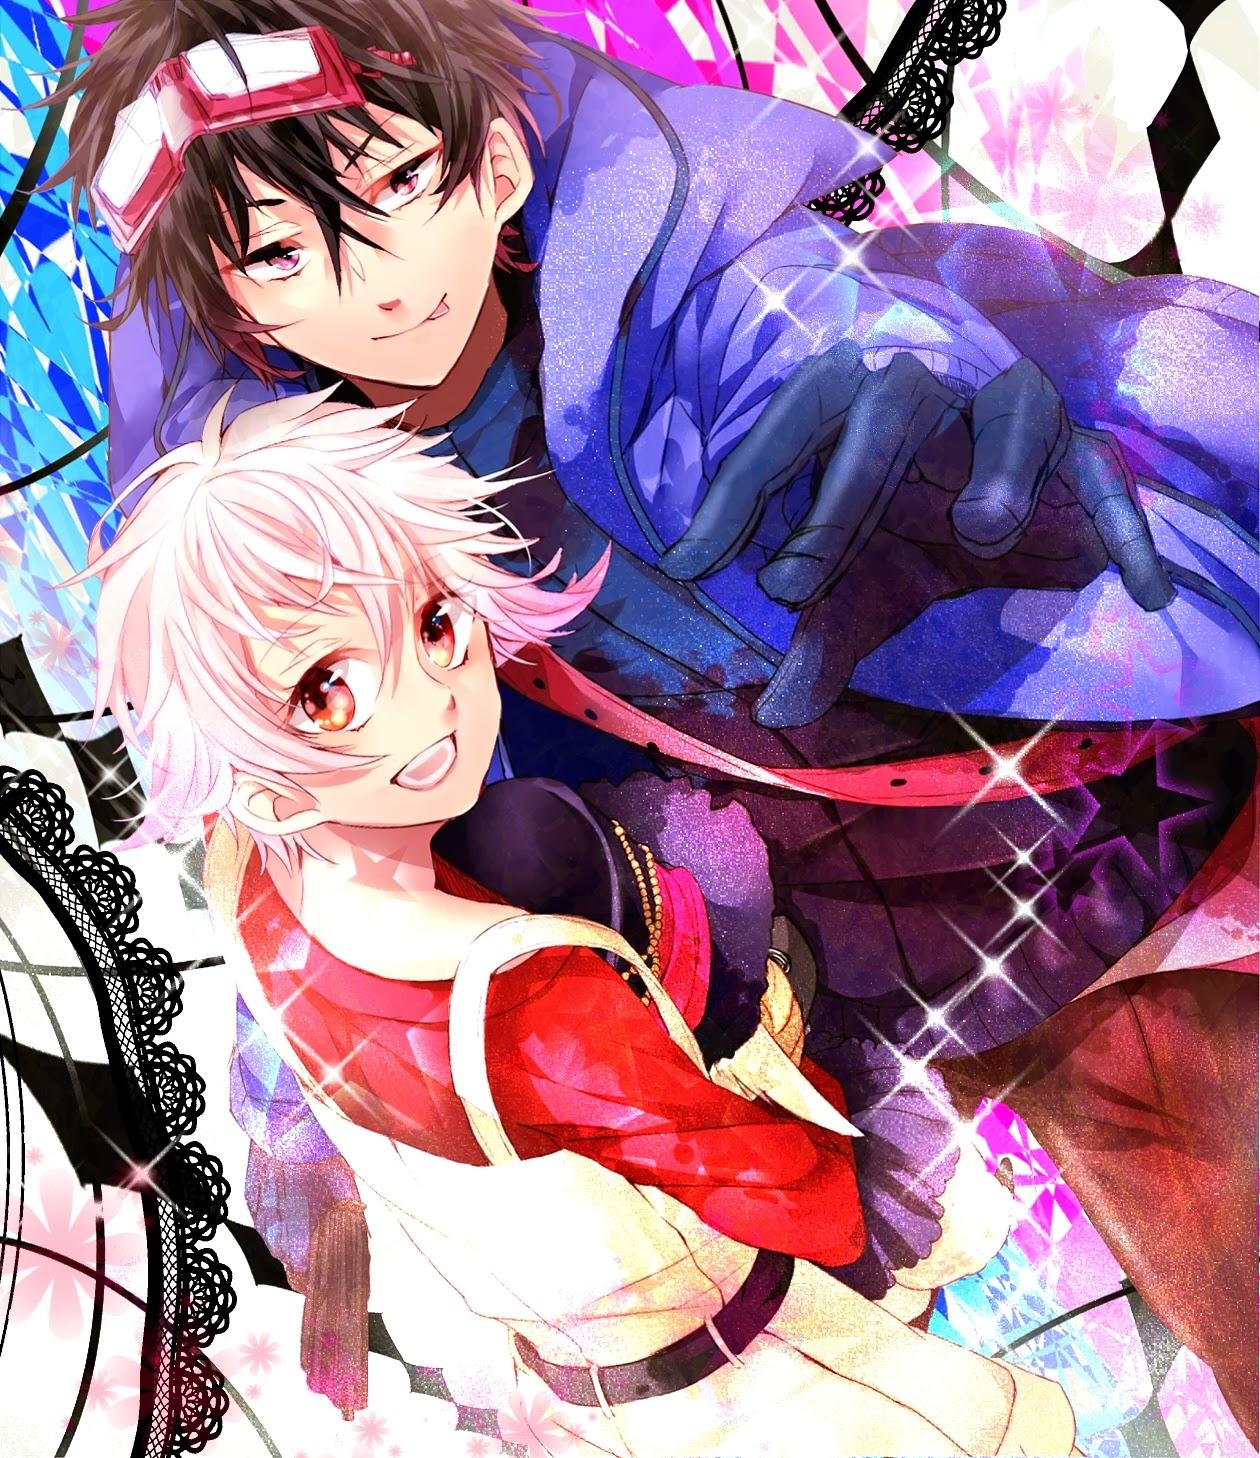 Mis Animes Shojo: Algunos Wallpaper VI: Karneval